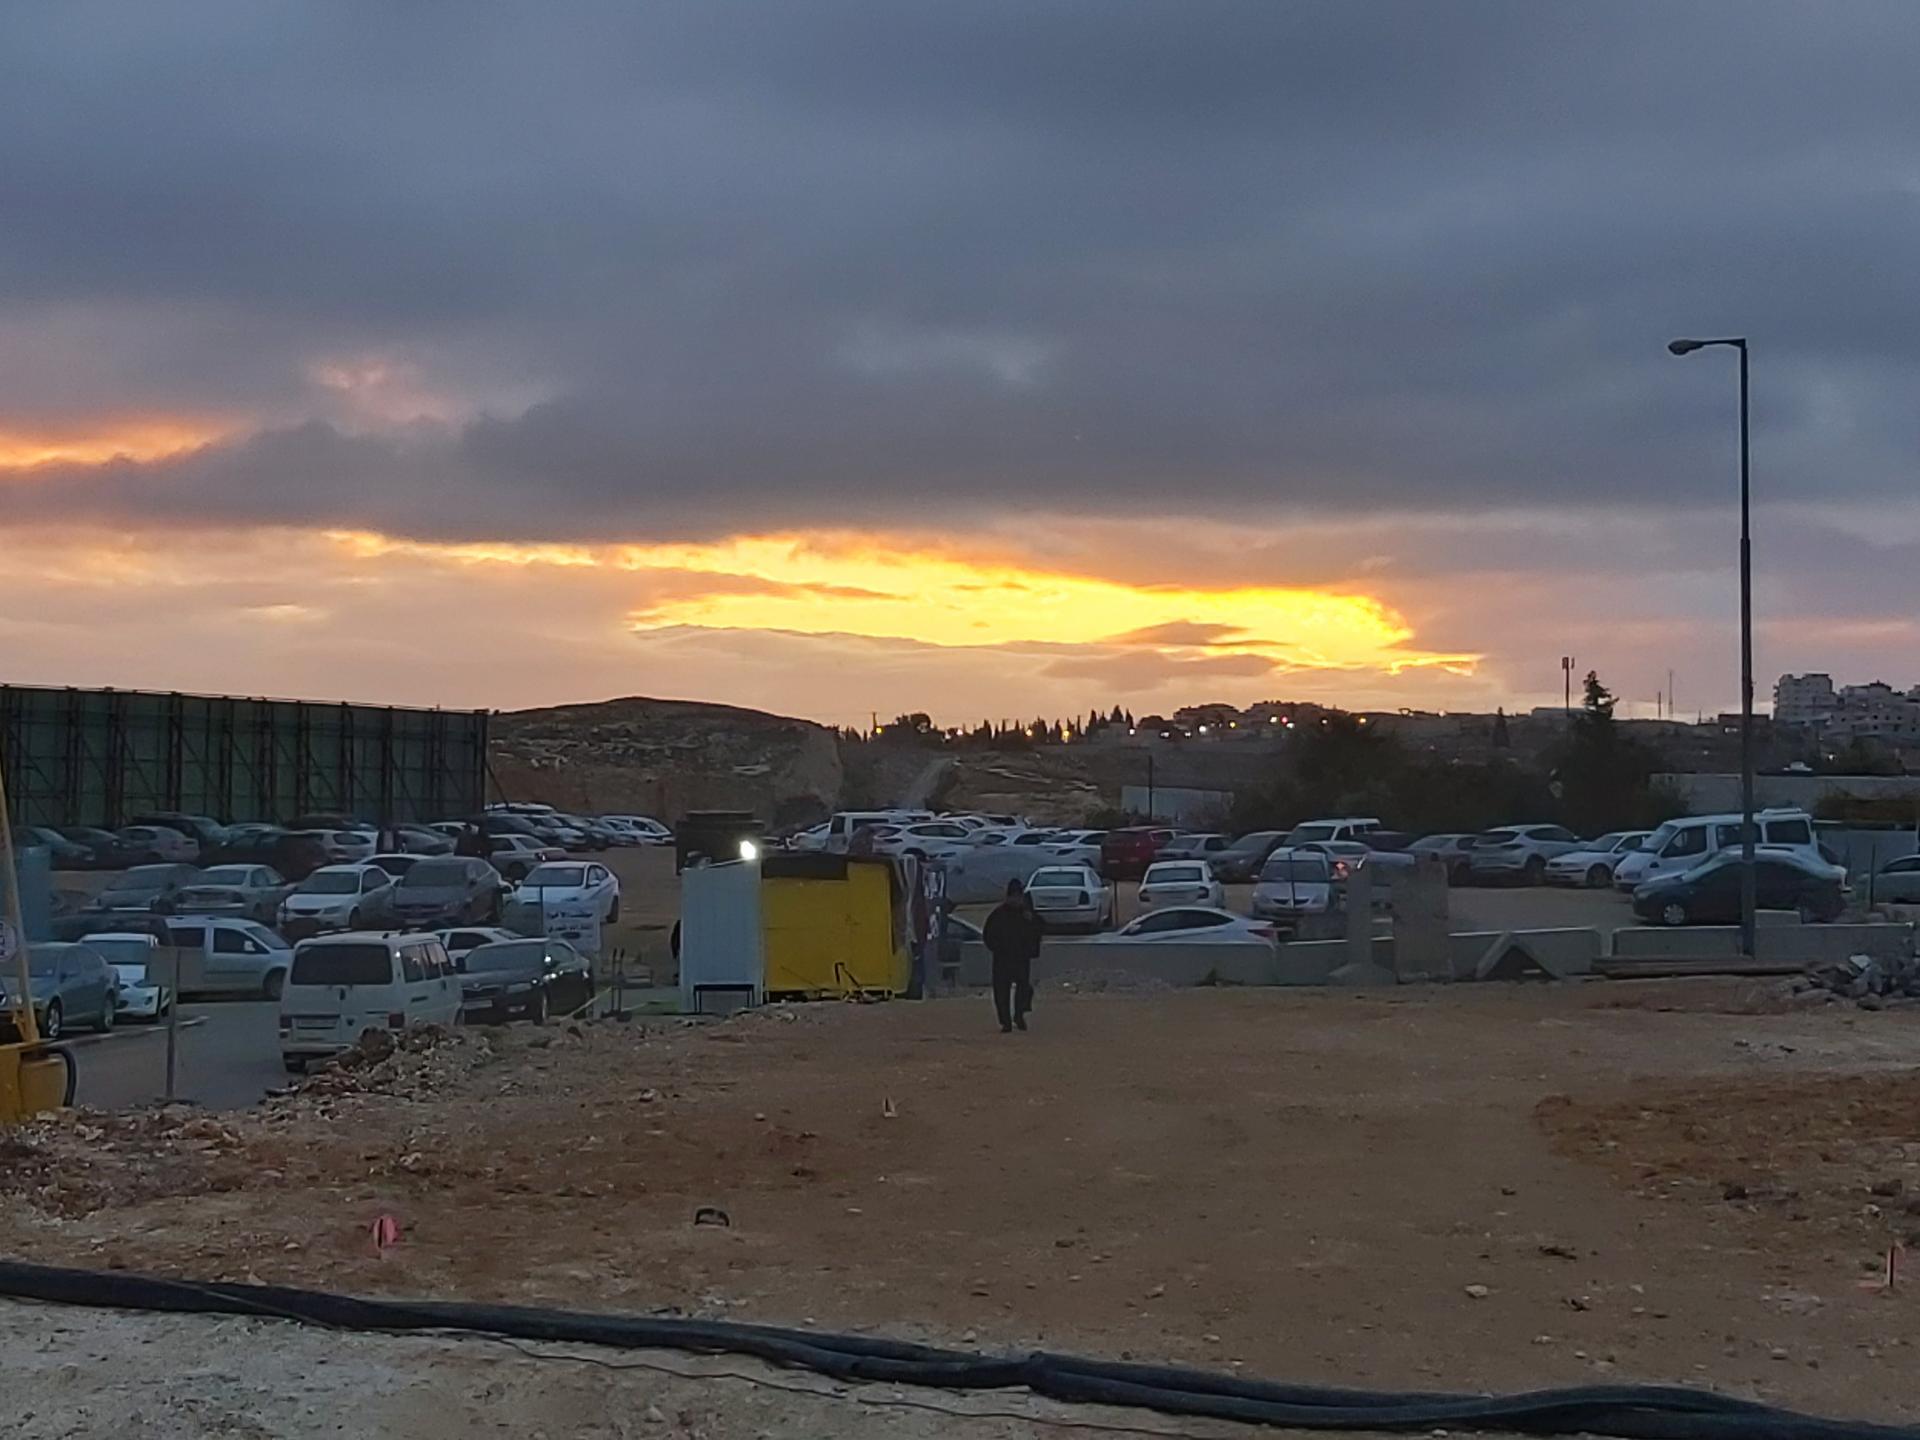 קרני השמש מציצים מבעד לעננים